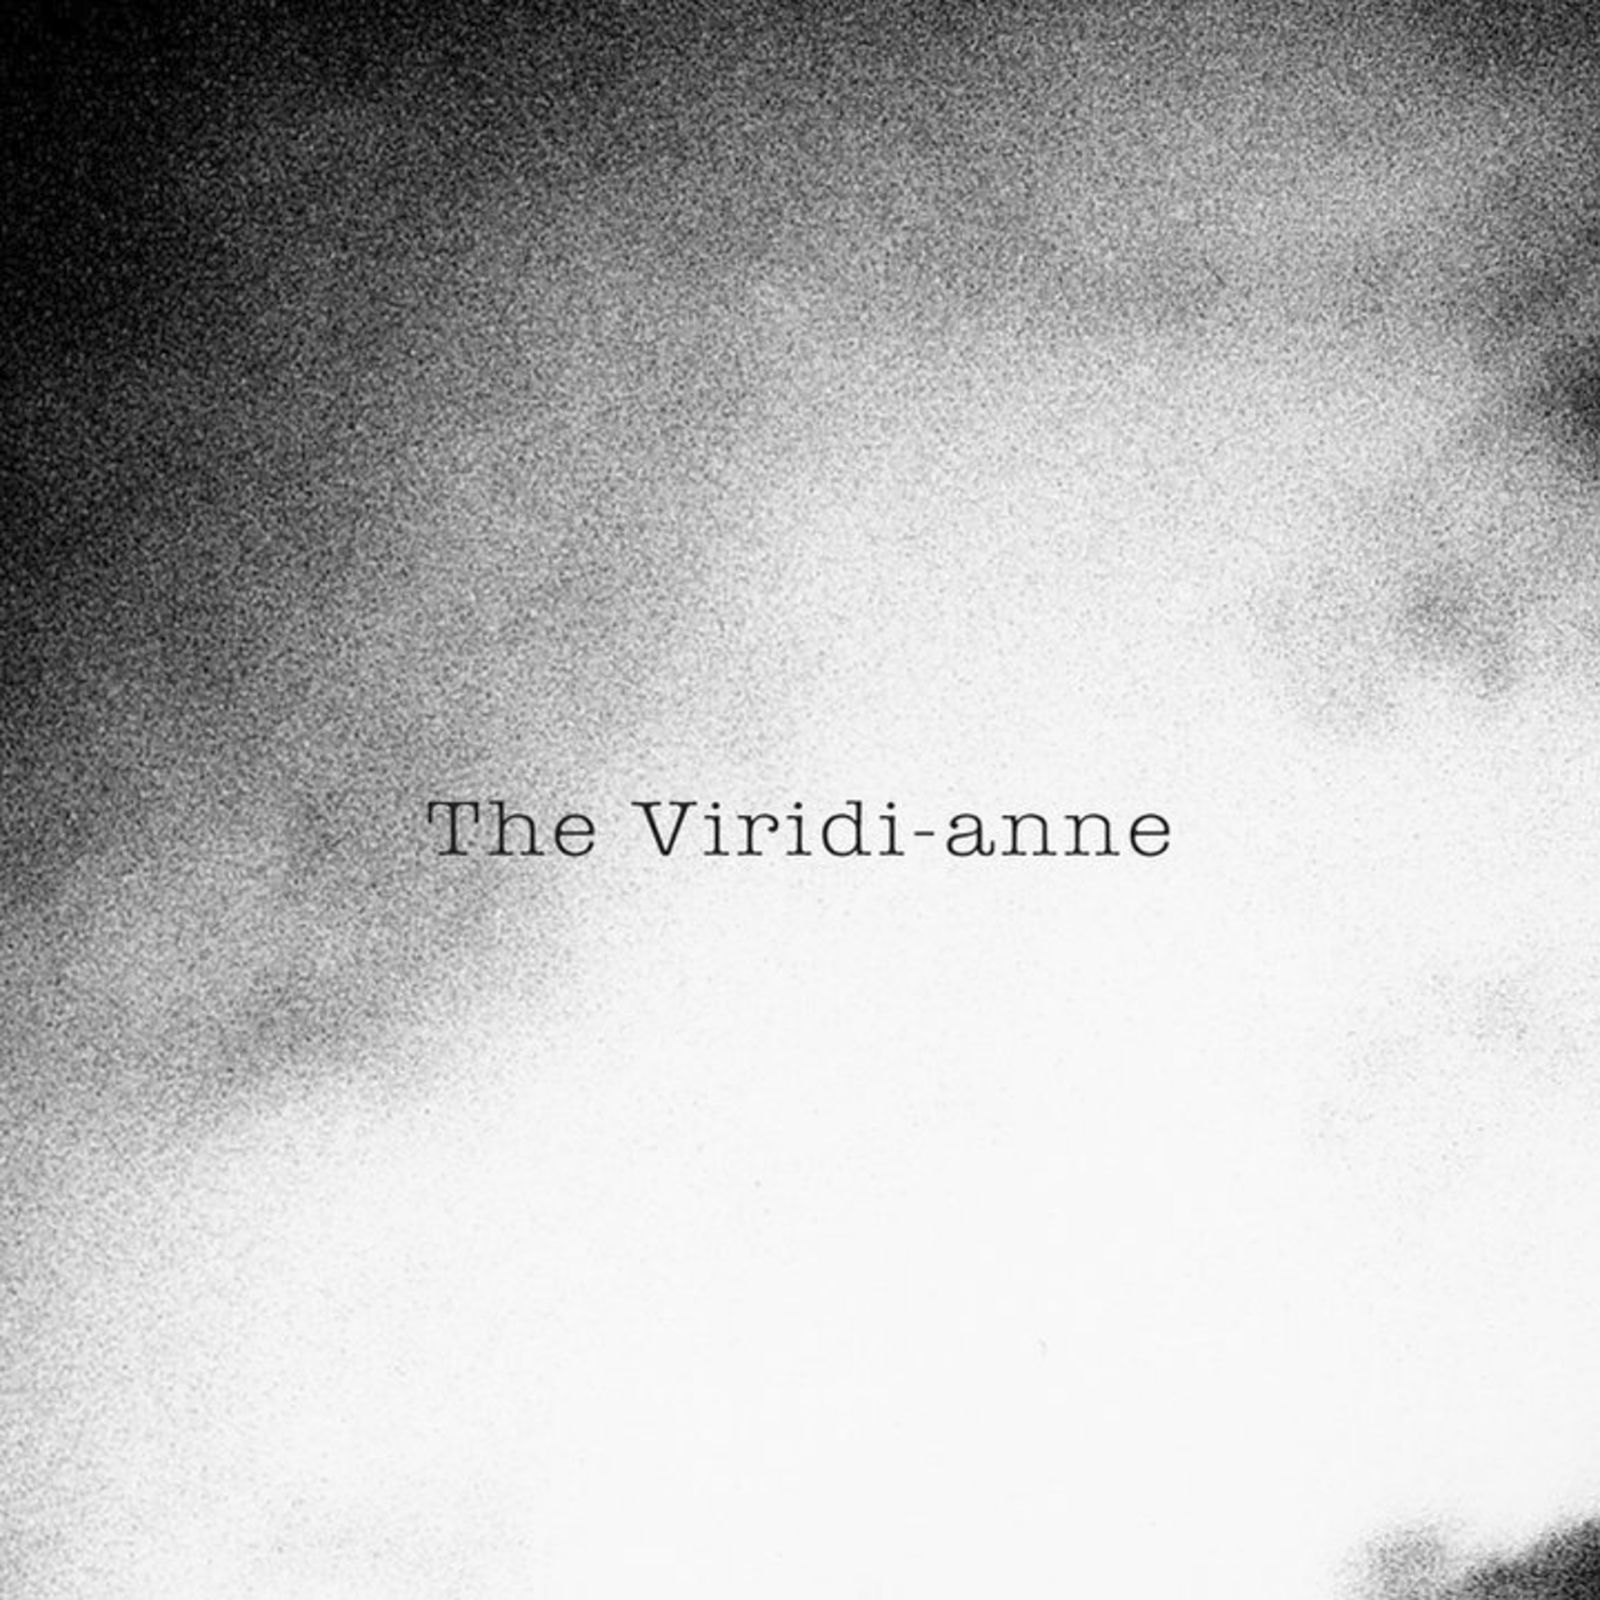 The Viridi-anne